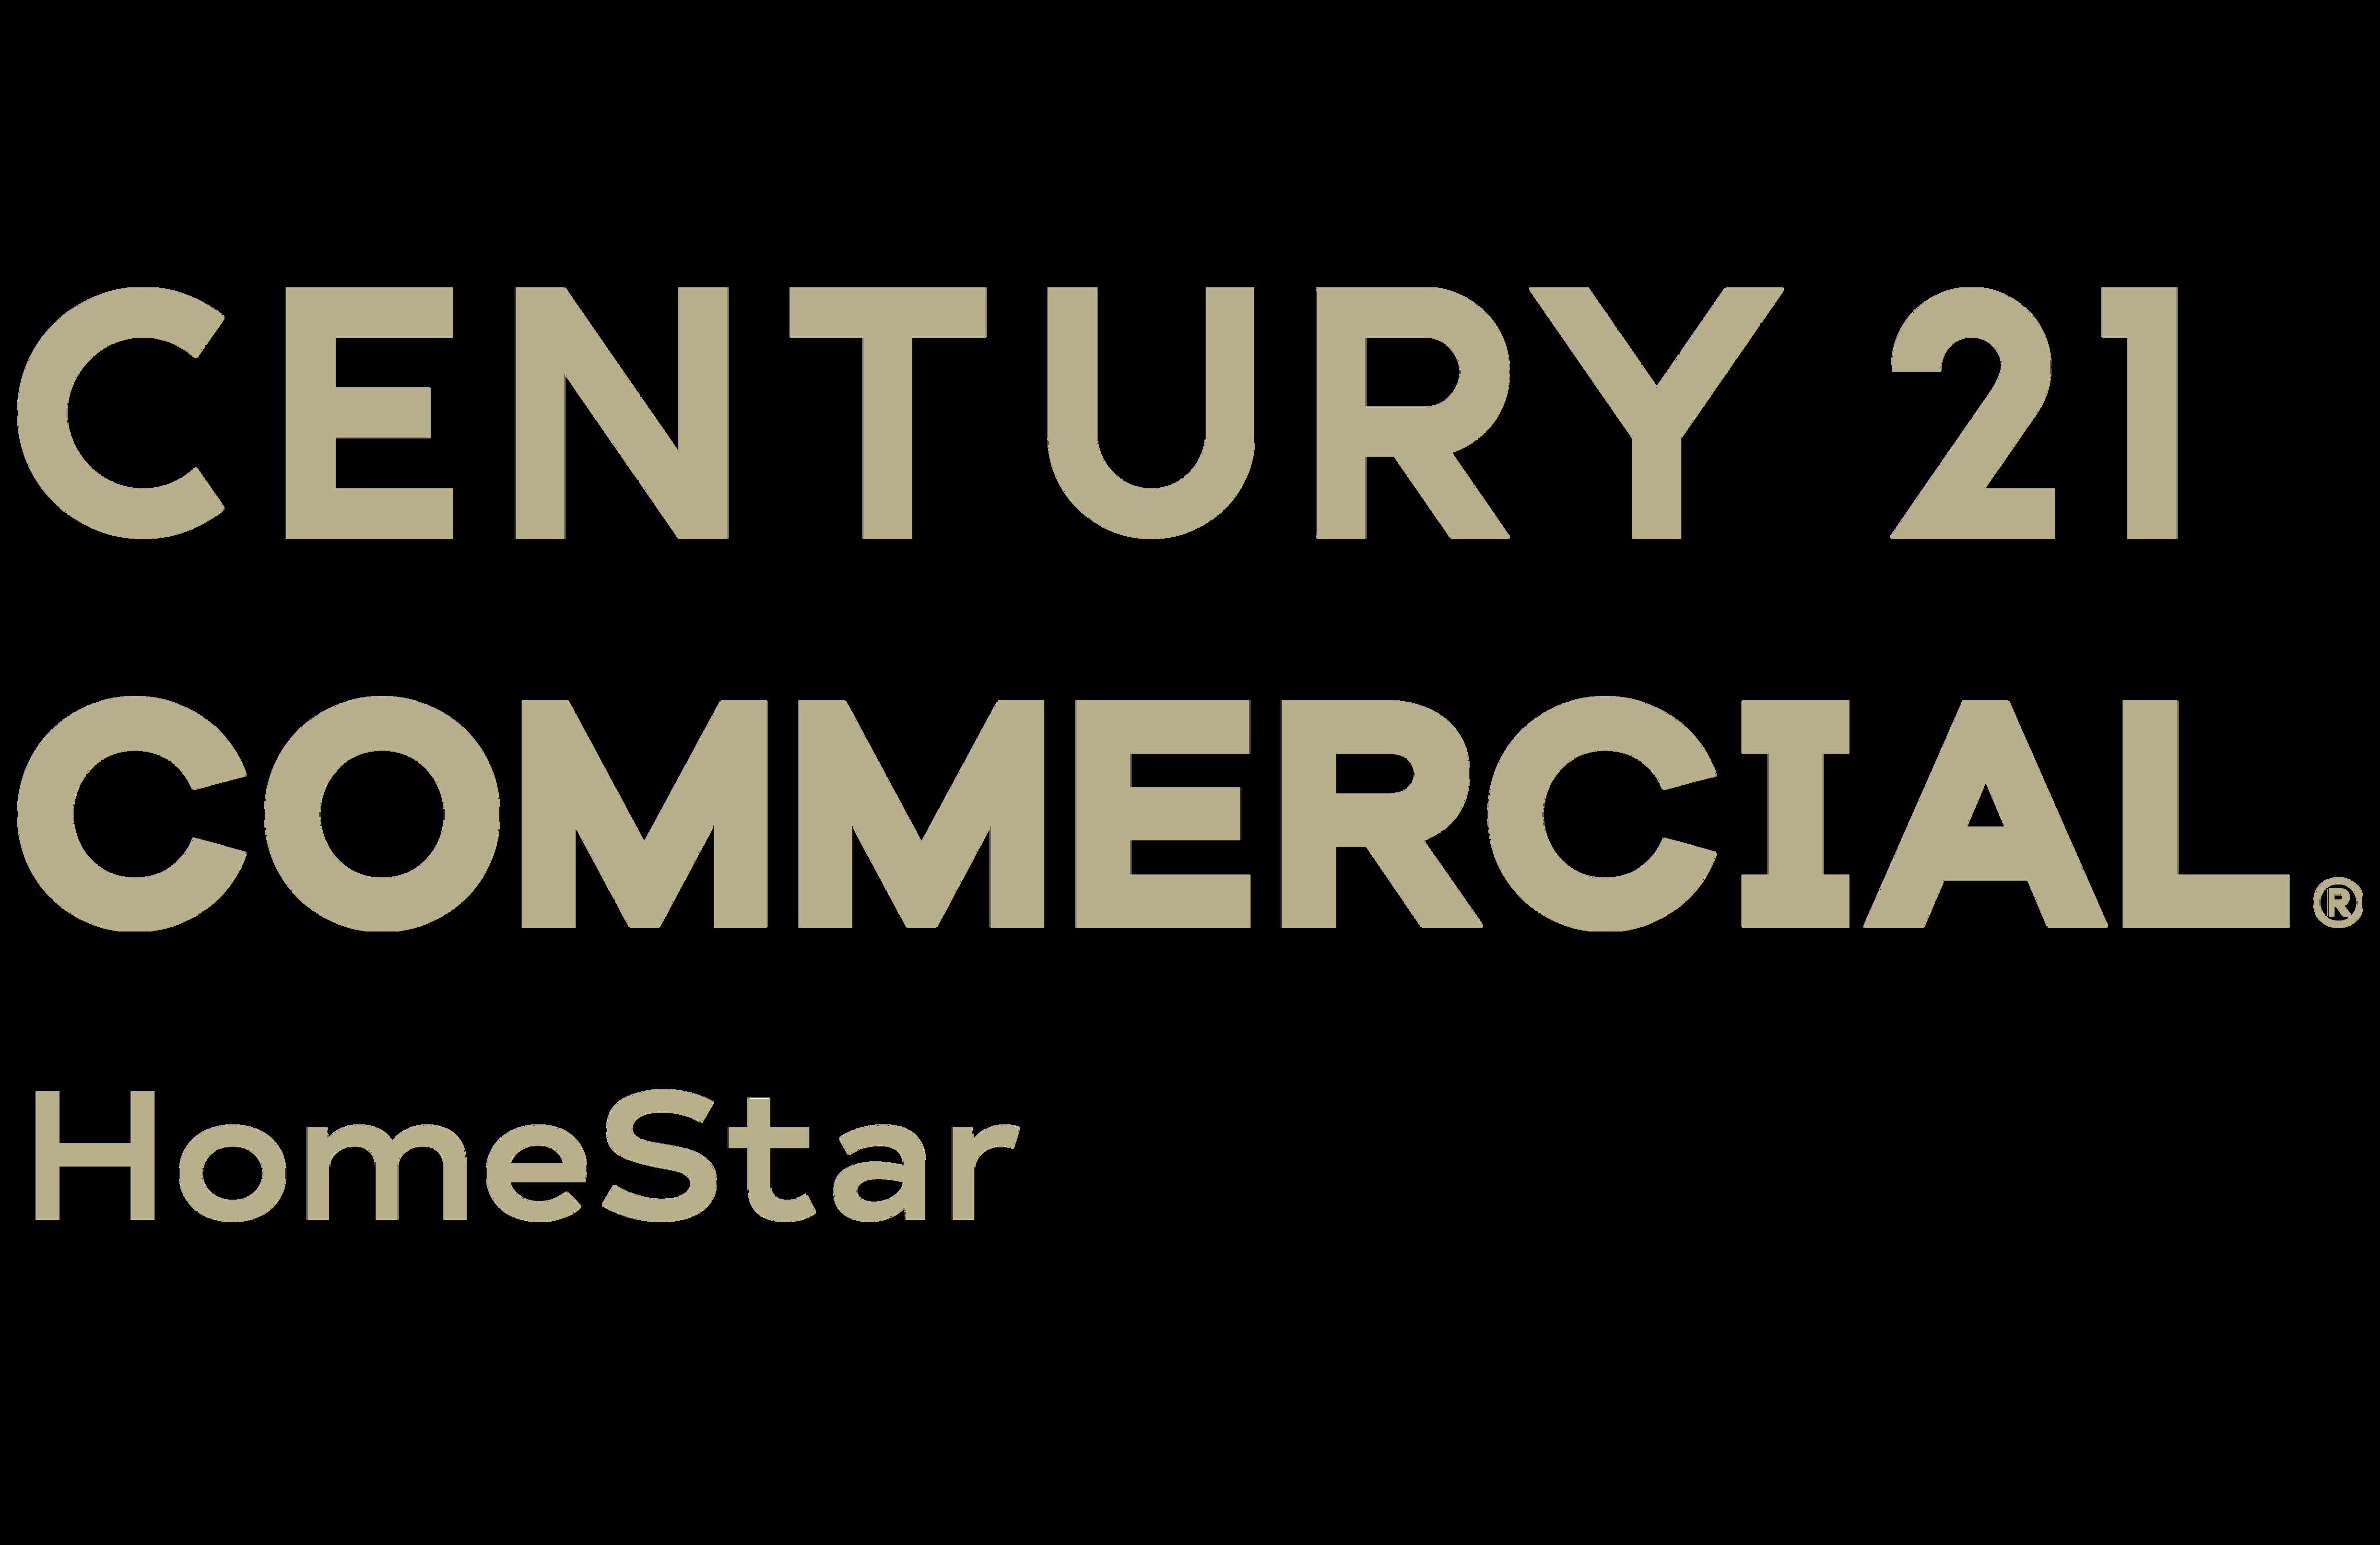 CENTURY 21 HomeStar